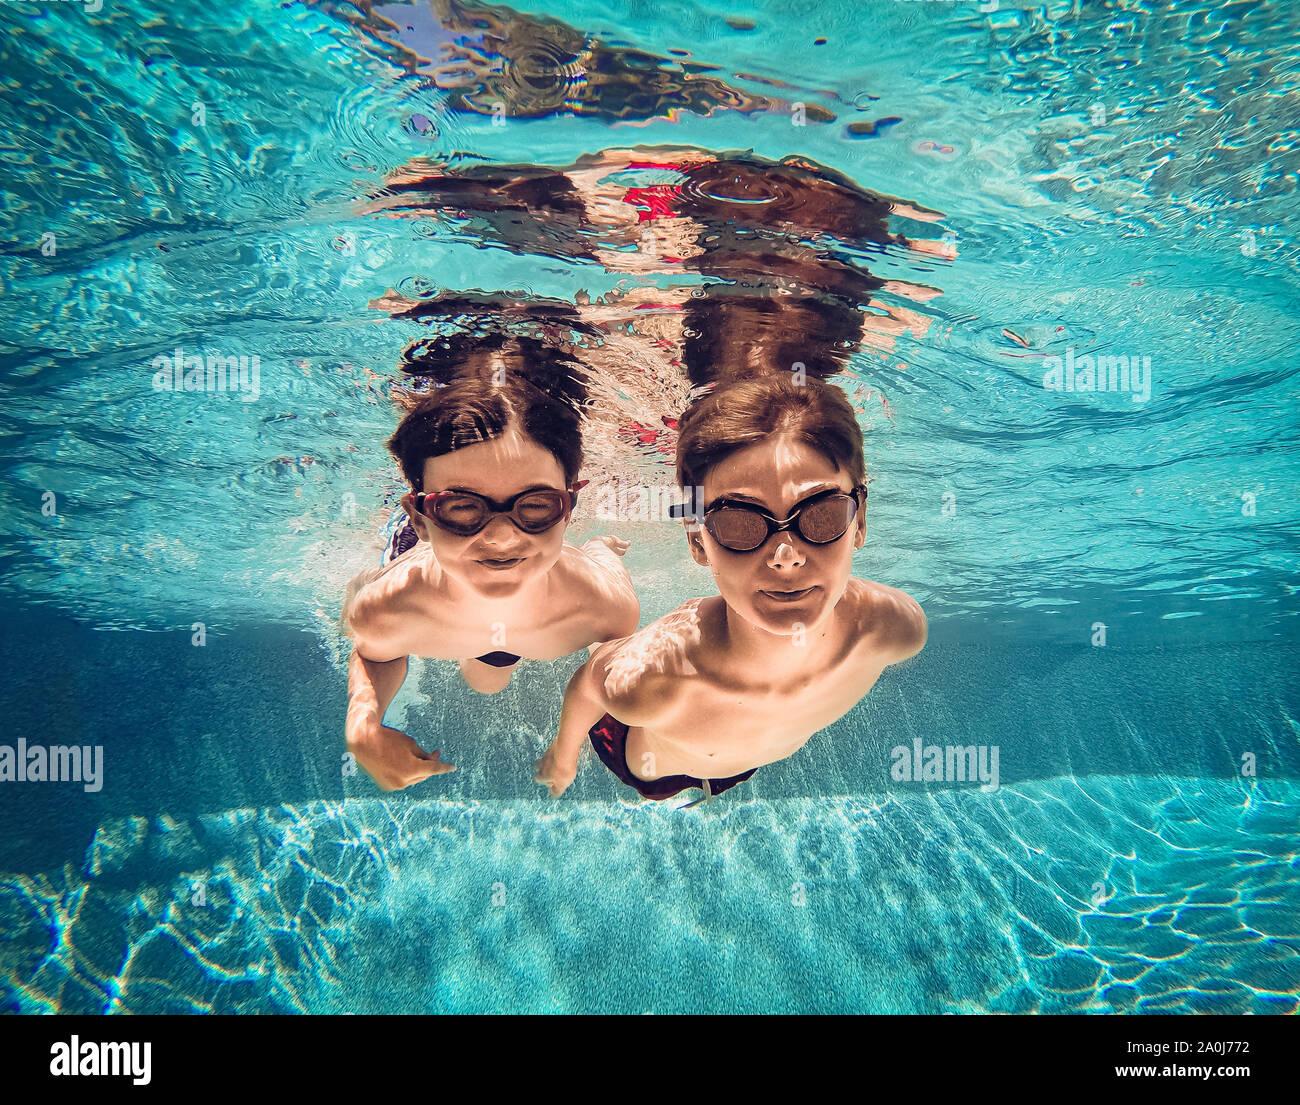 Imagen Submarina de dos niños nadando junto a otro en una piscina. Foto de stock